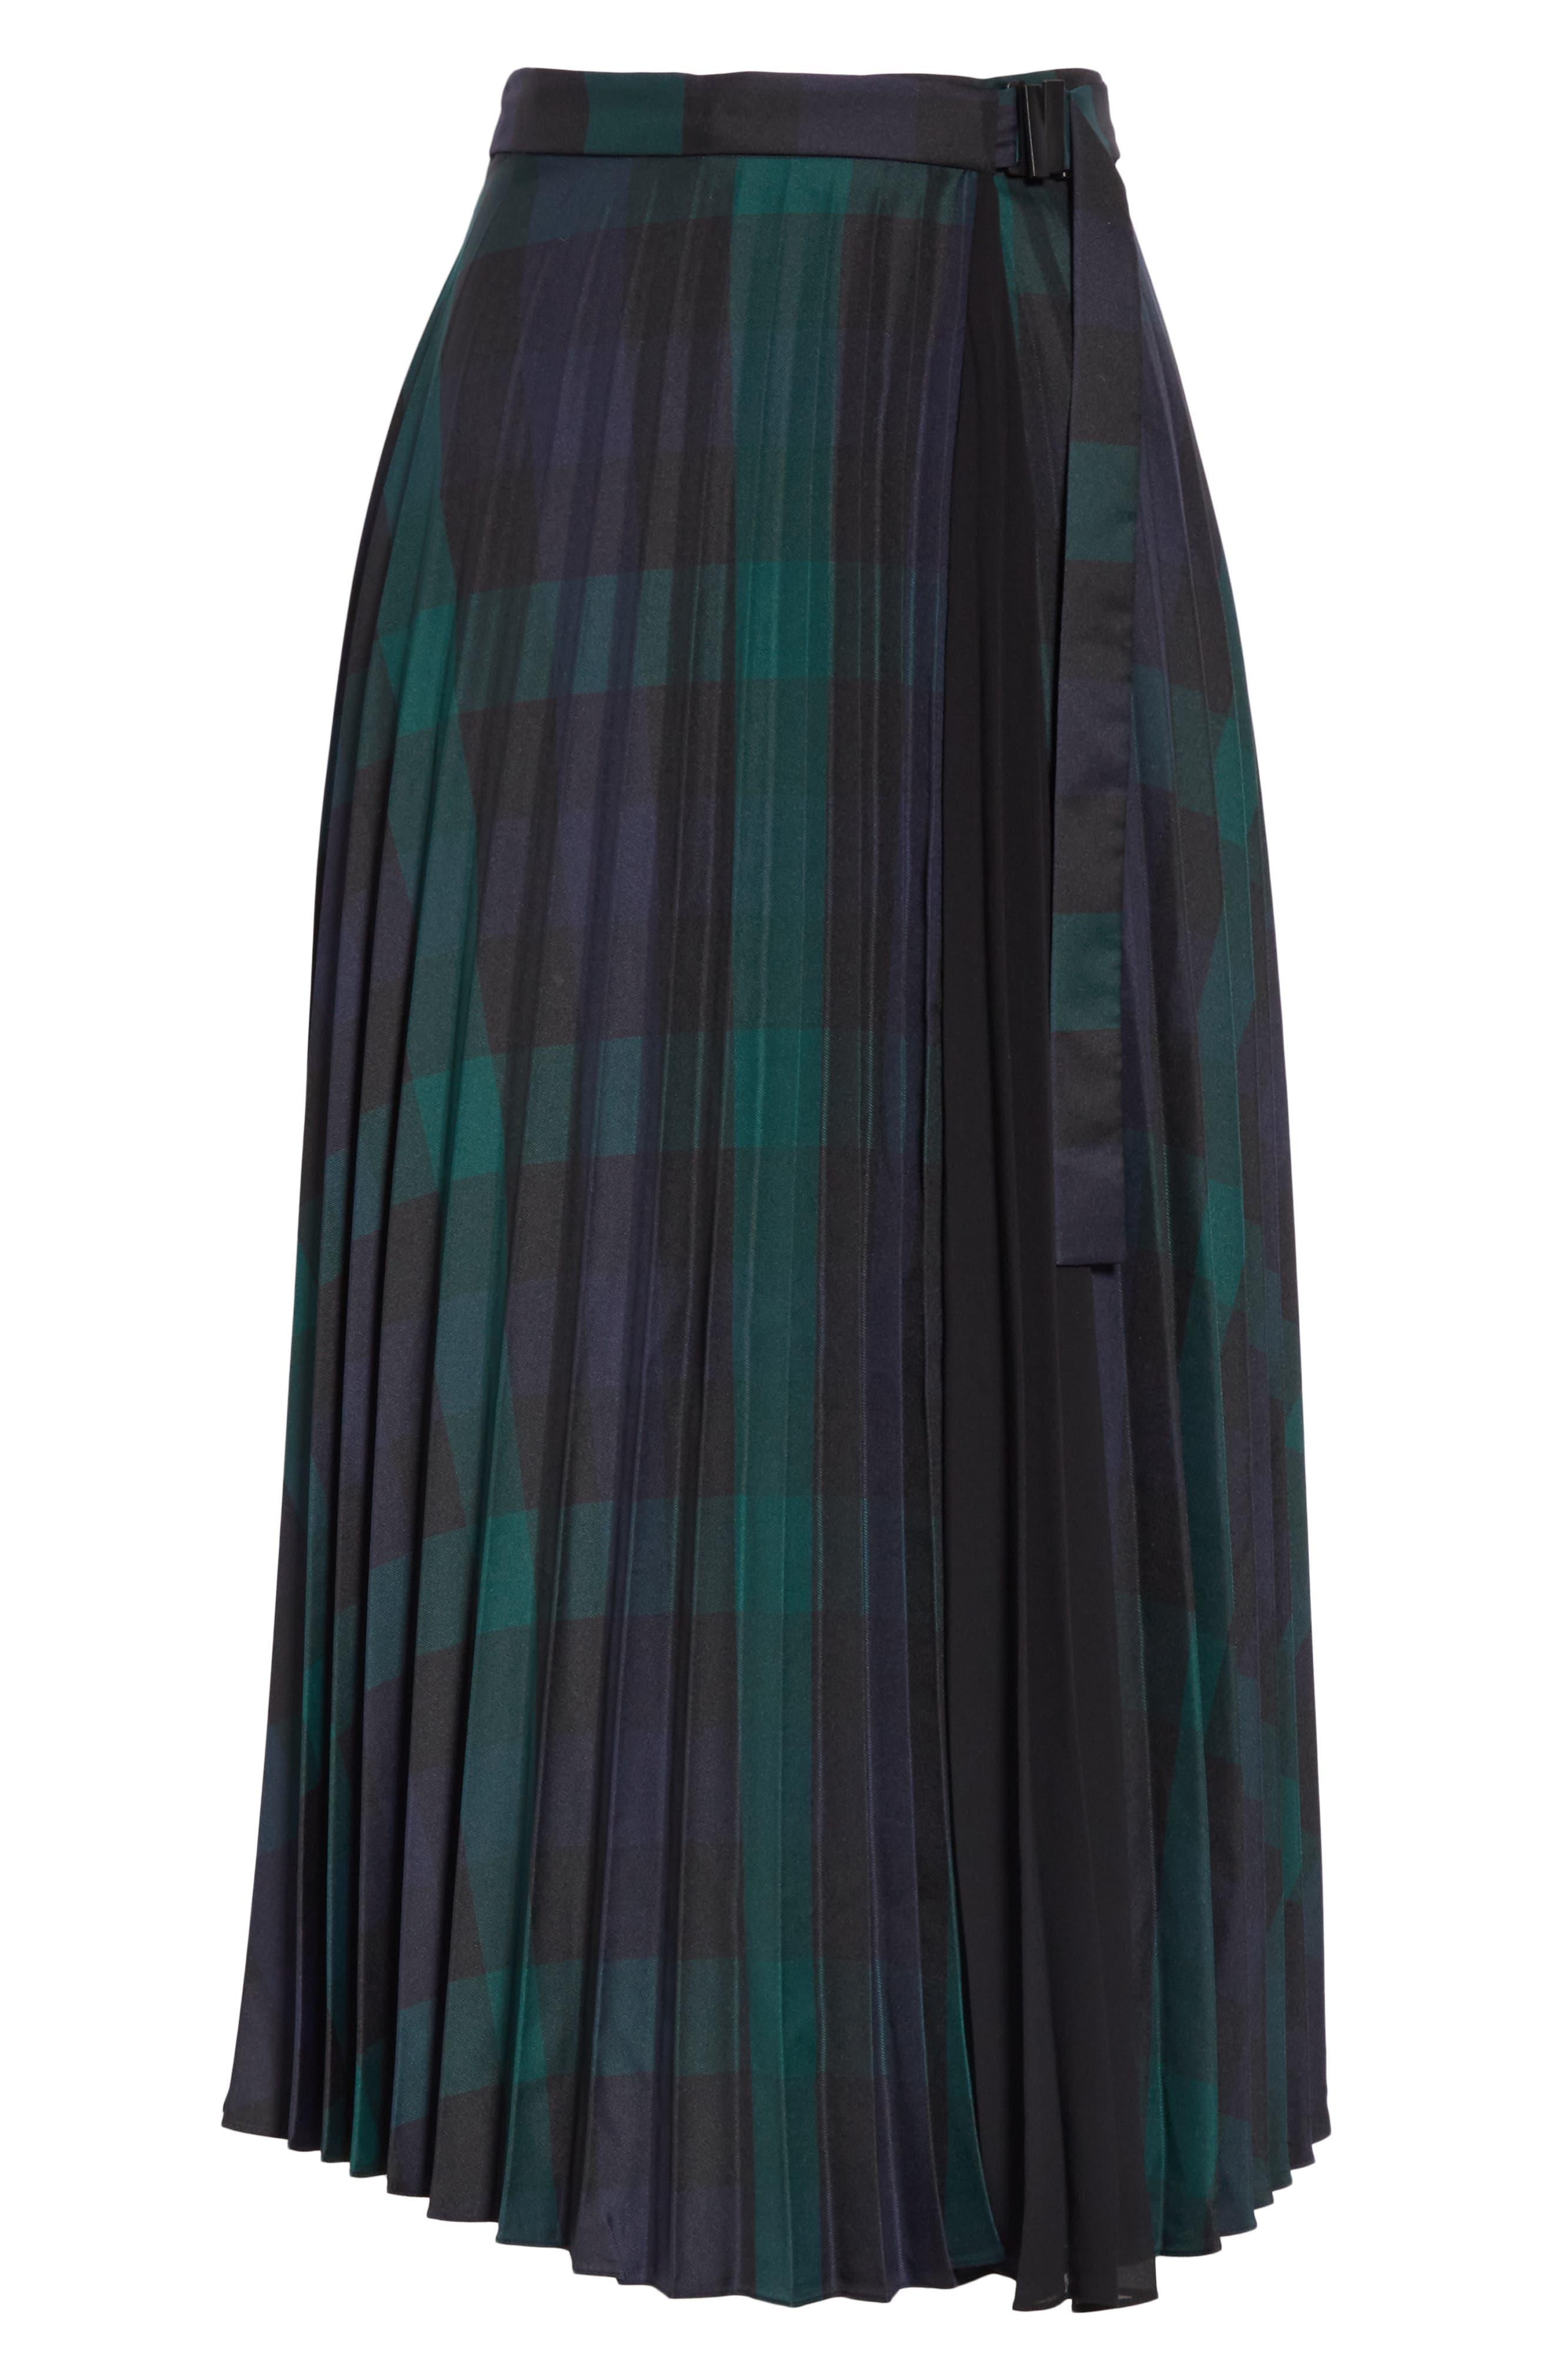 Plaid Pleated Midi Skirt,                             Alternate thumbnail 6, color,                             DEEP NAVY